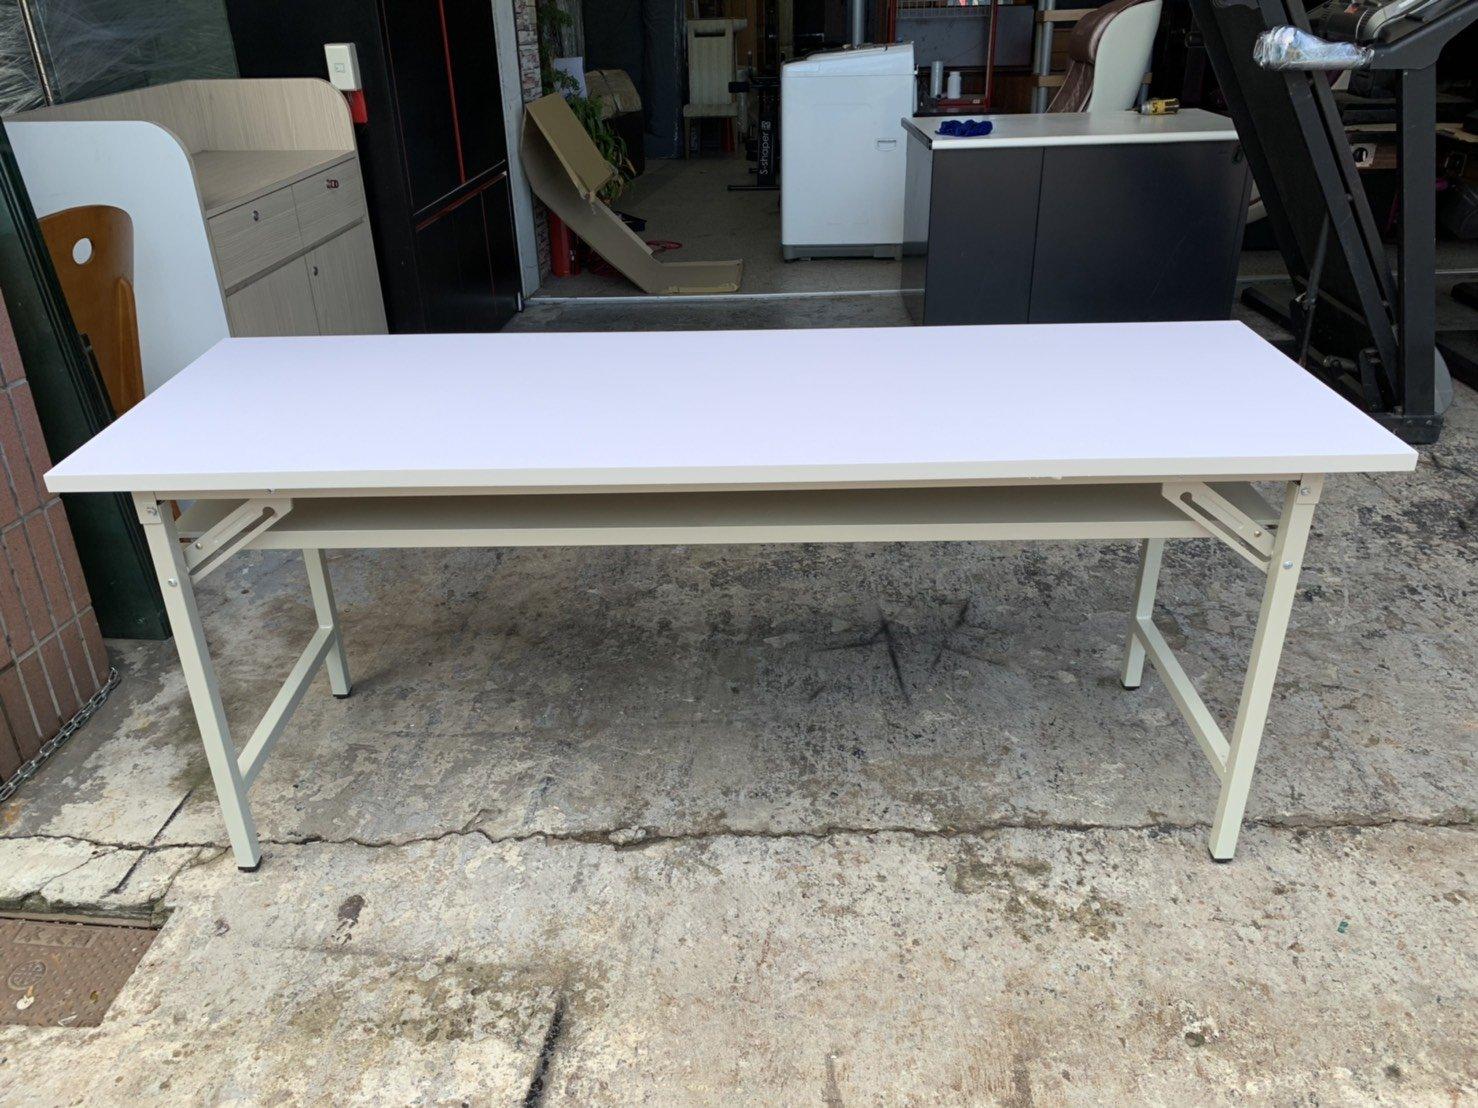 香榭二手家具*全新品 白面H型 2x6尺折合會議桌-折疊桌-開會桌-事務桌-辦公桌-電腦桌-工作桌-洽談桌-收納桌-長桌